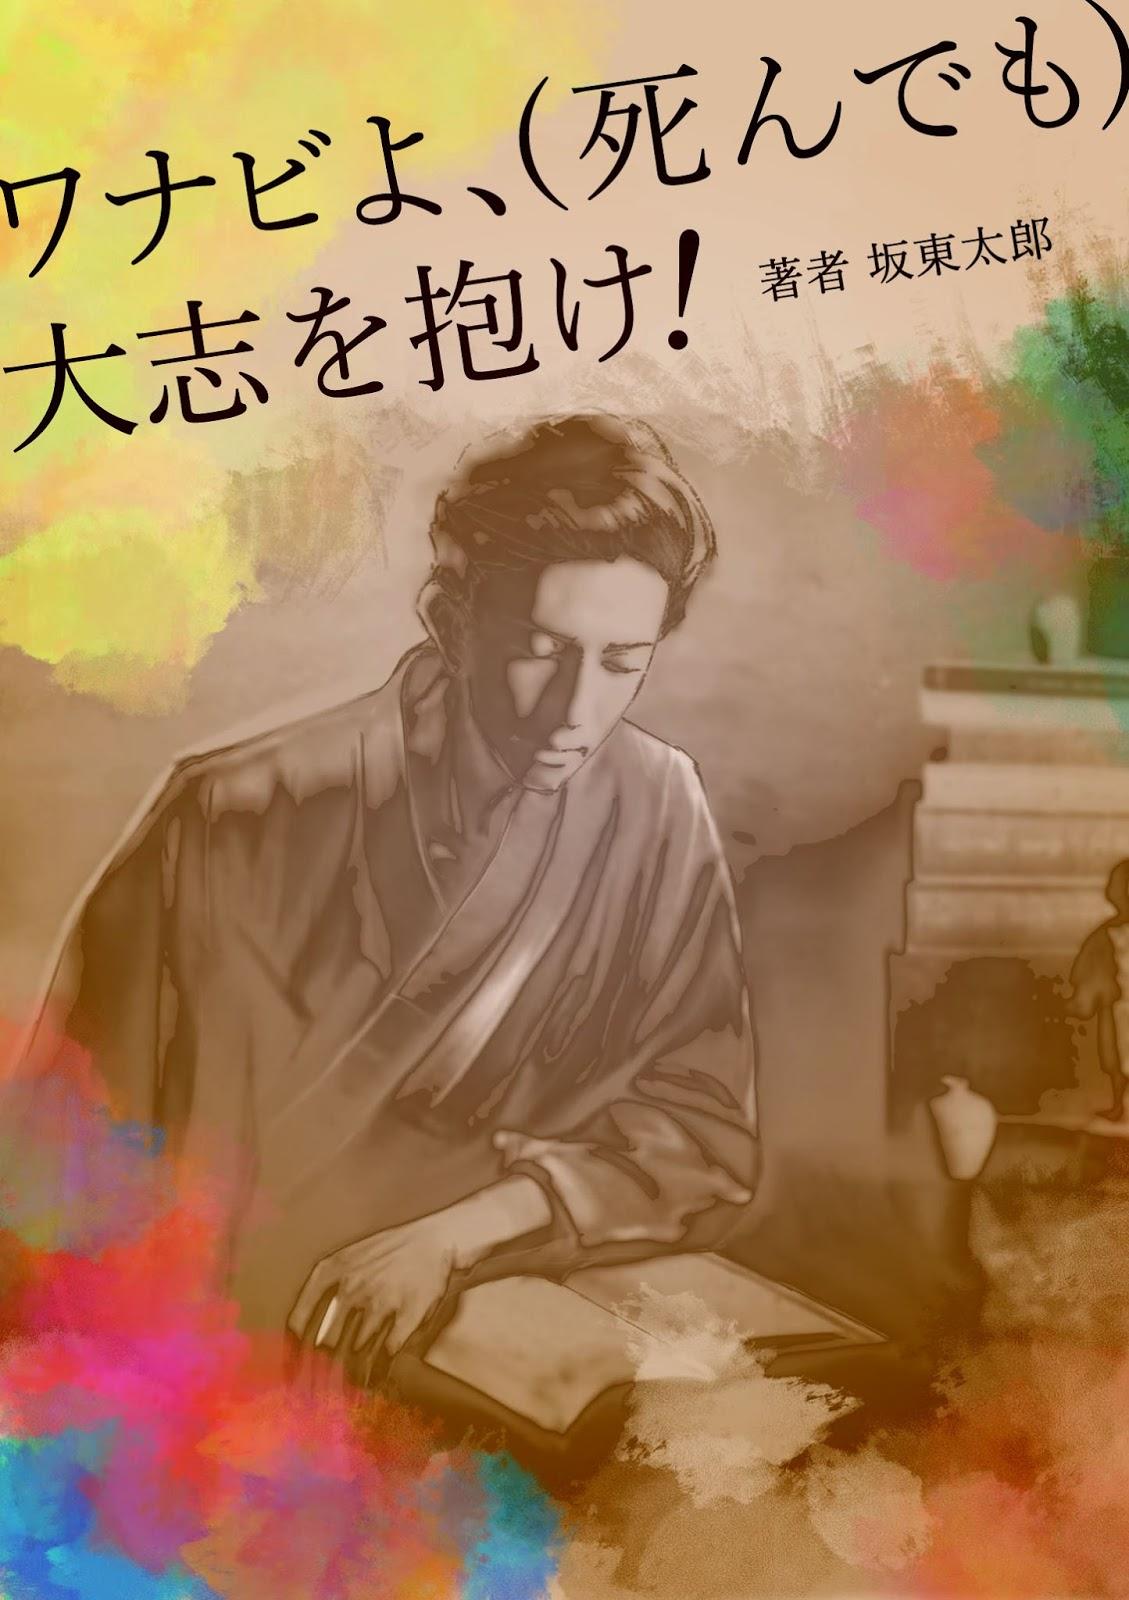 坂東太郎『ワナビよ、(死んでも)大志を抱け!』